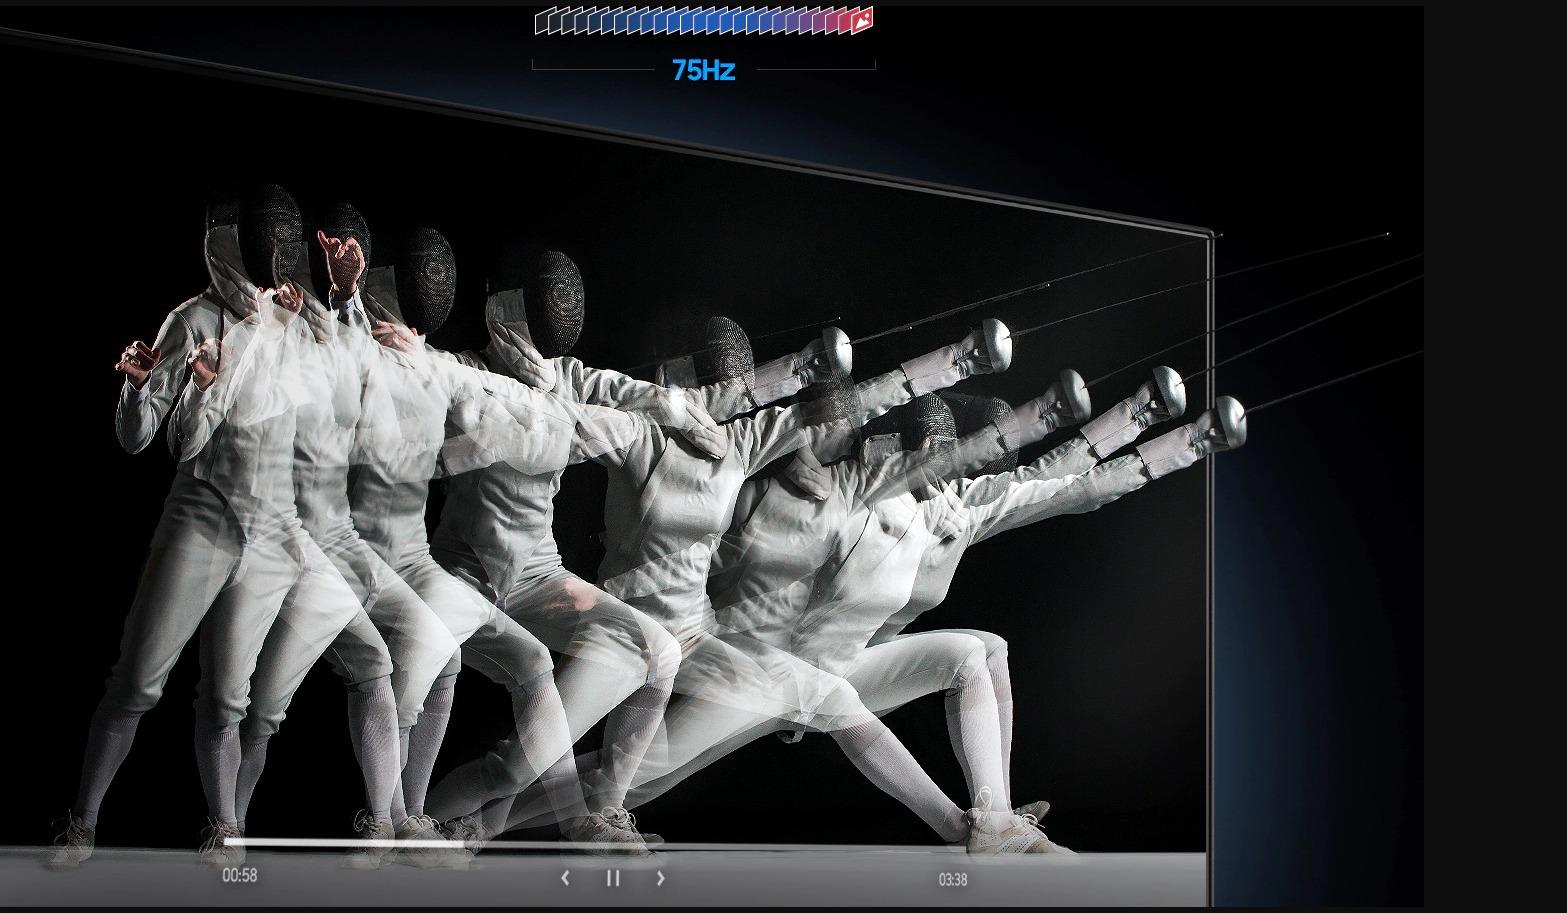 Màn hình Samsung LS24R350-3